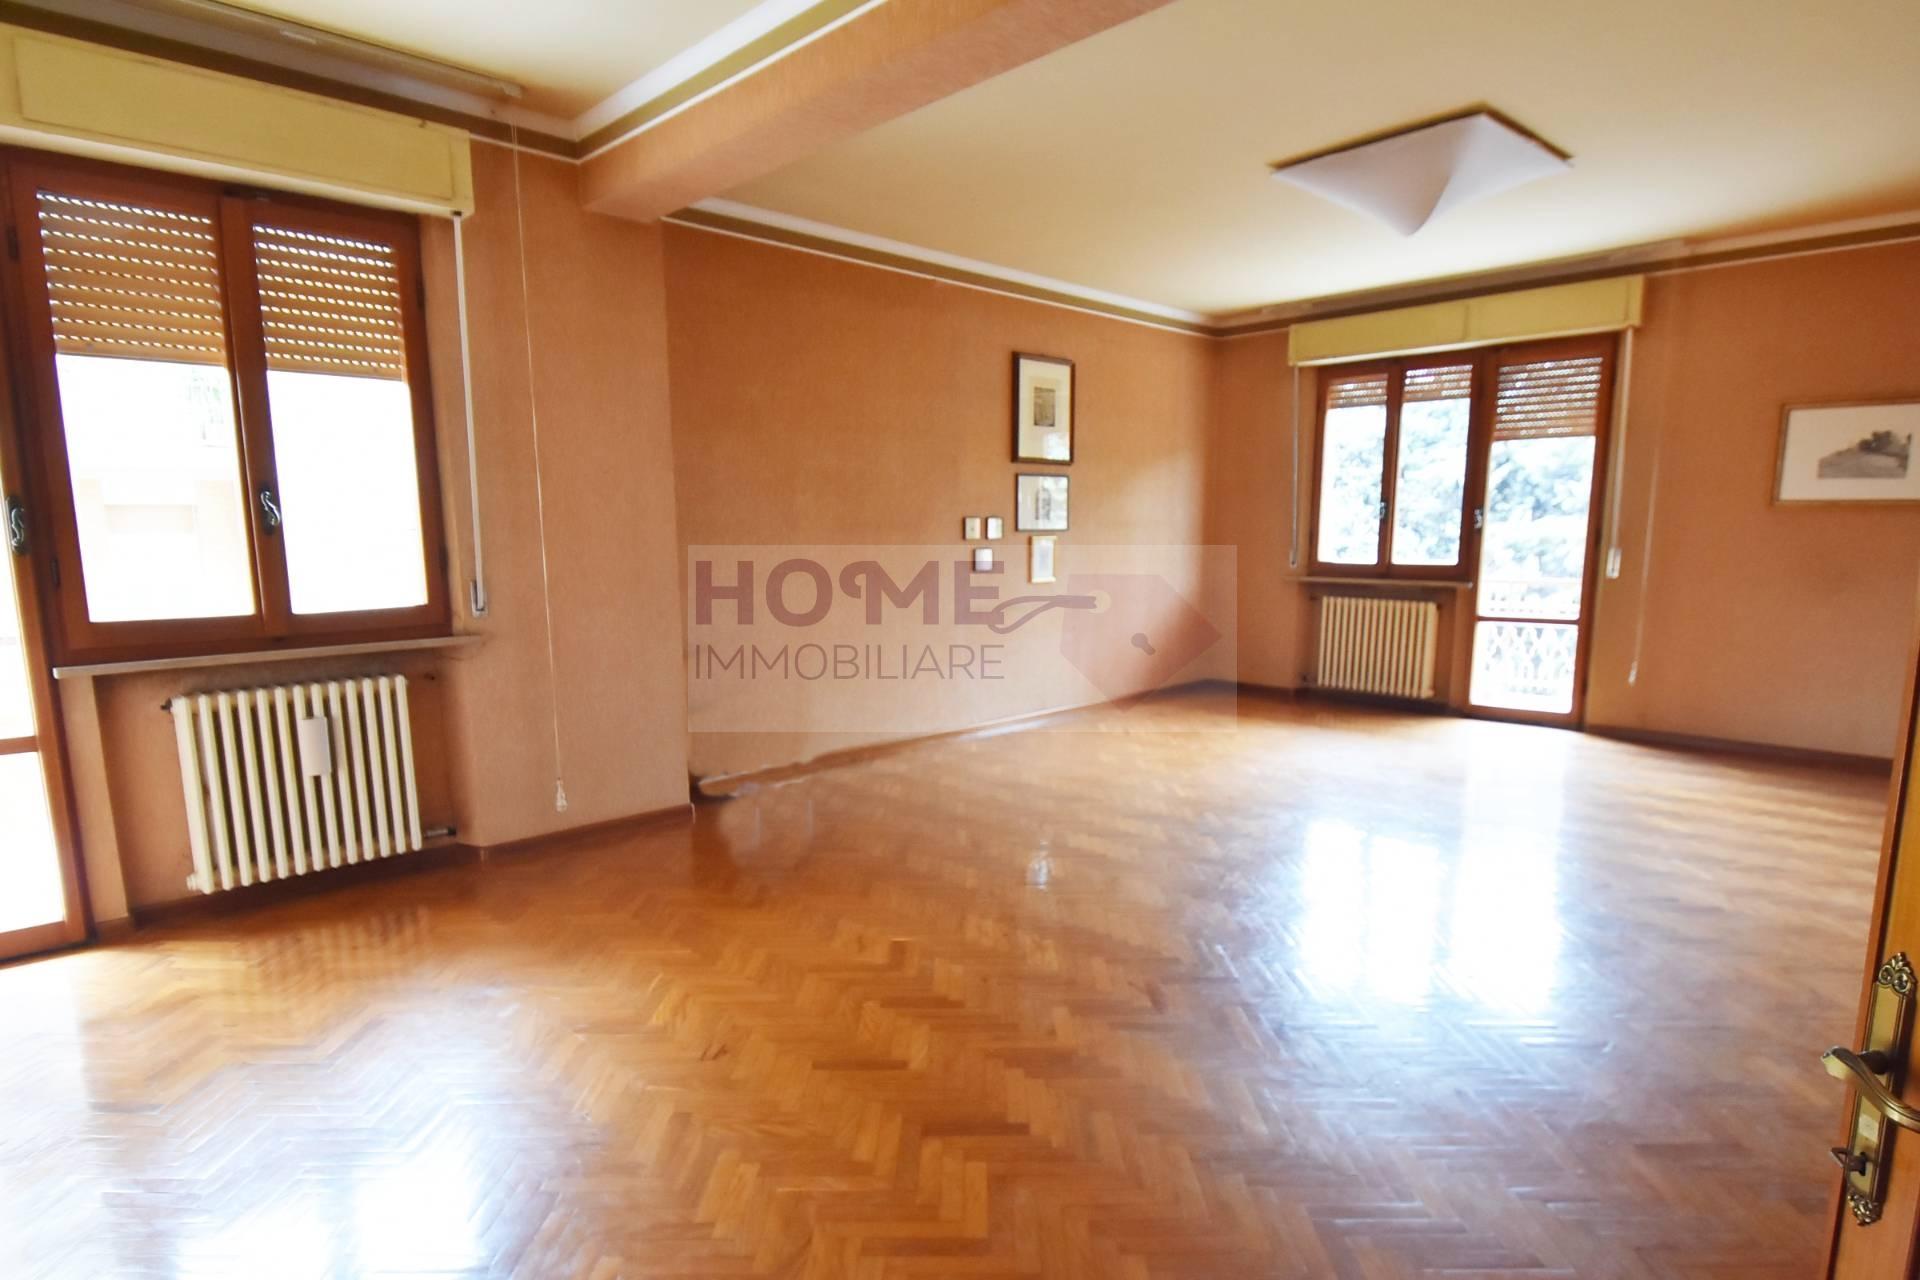 Appartamento in vendita a Macerata, 8 locali, zona Località: zonaSanFrancesco, Trattative riservate | CambioCasa.it